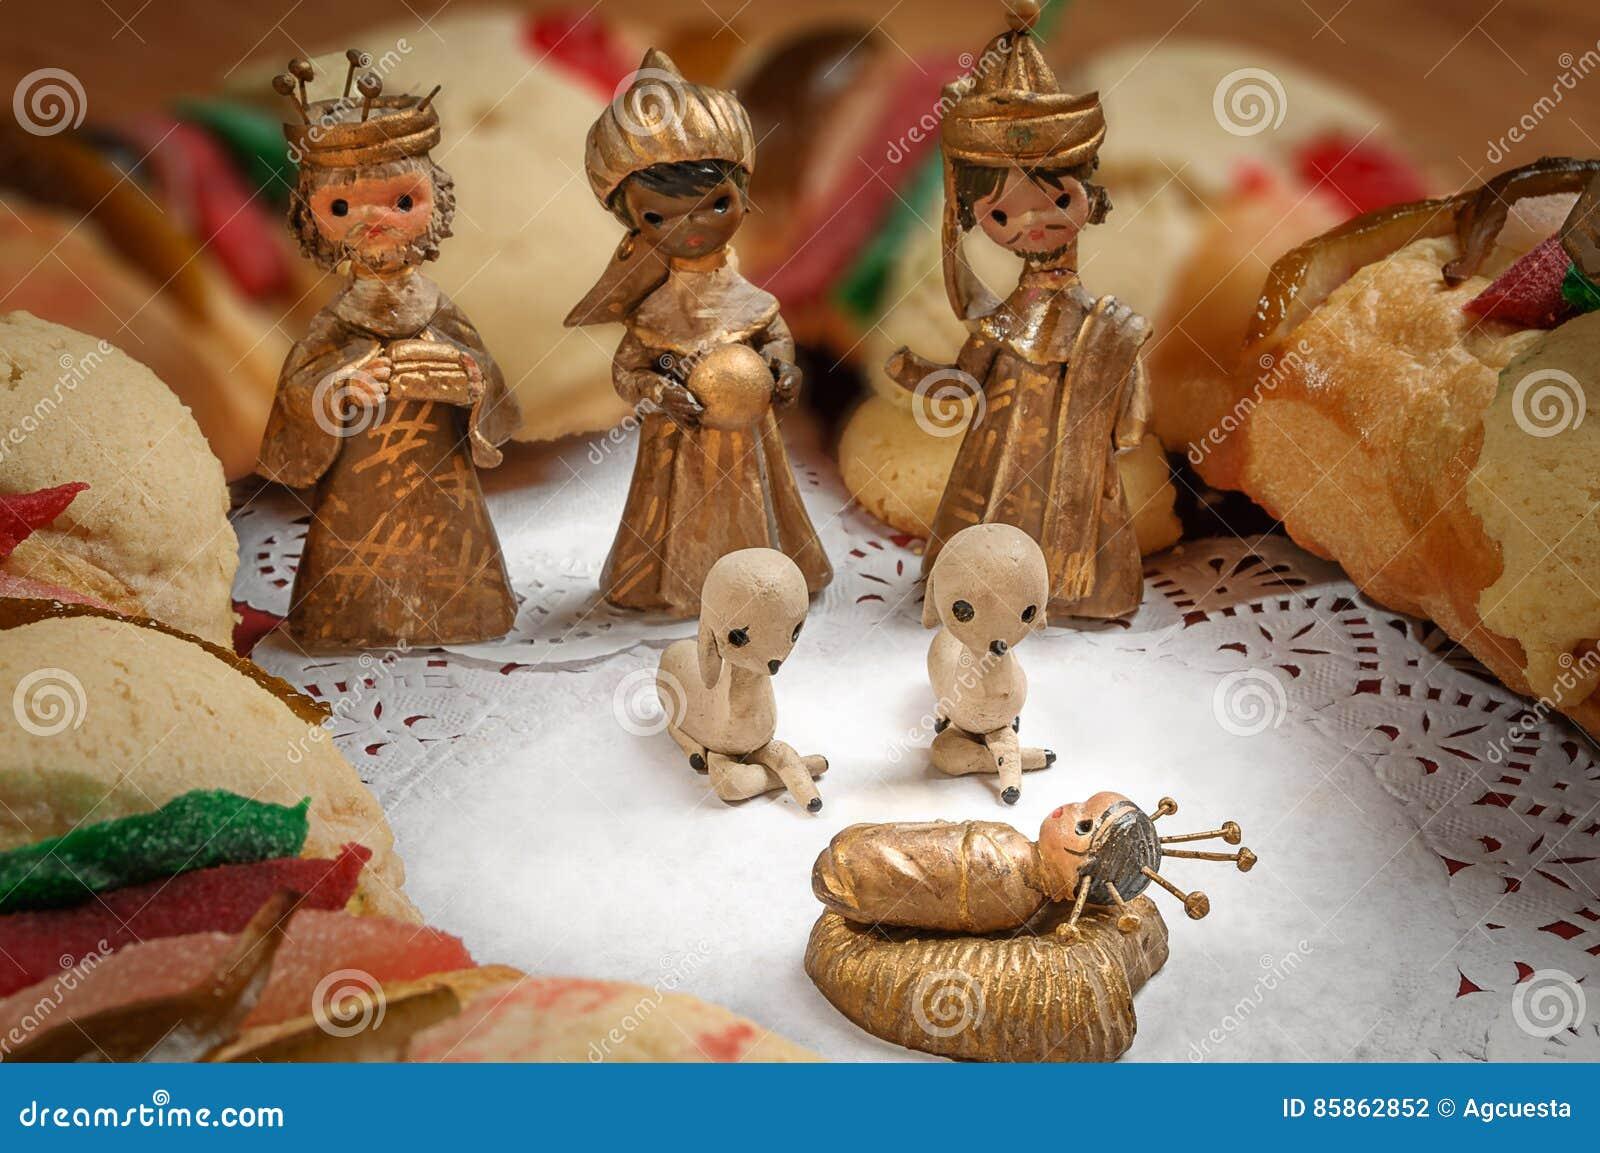 Offenbarungskuchen Konige Backen Oder Rosca De Reyes Zusammen